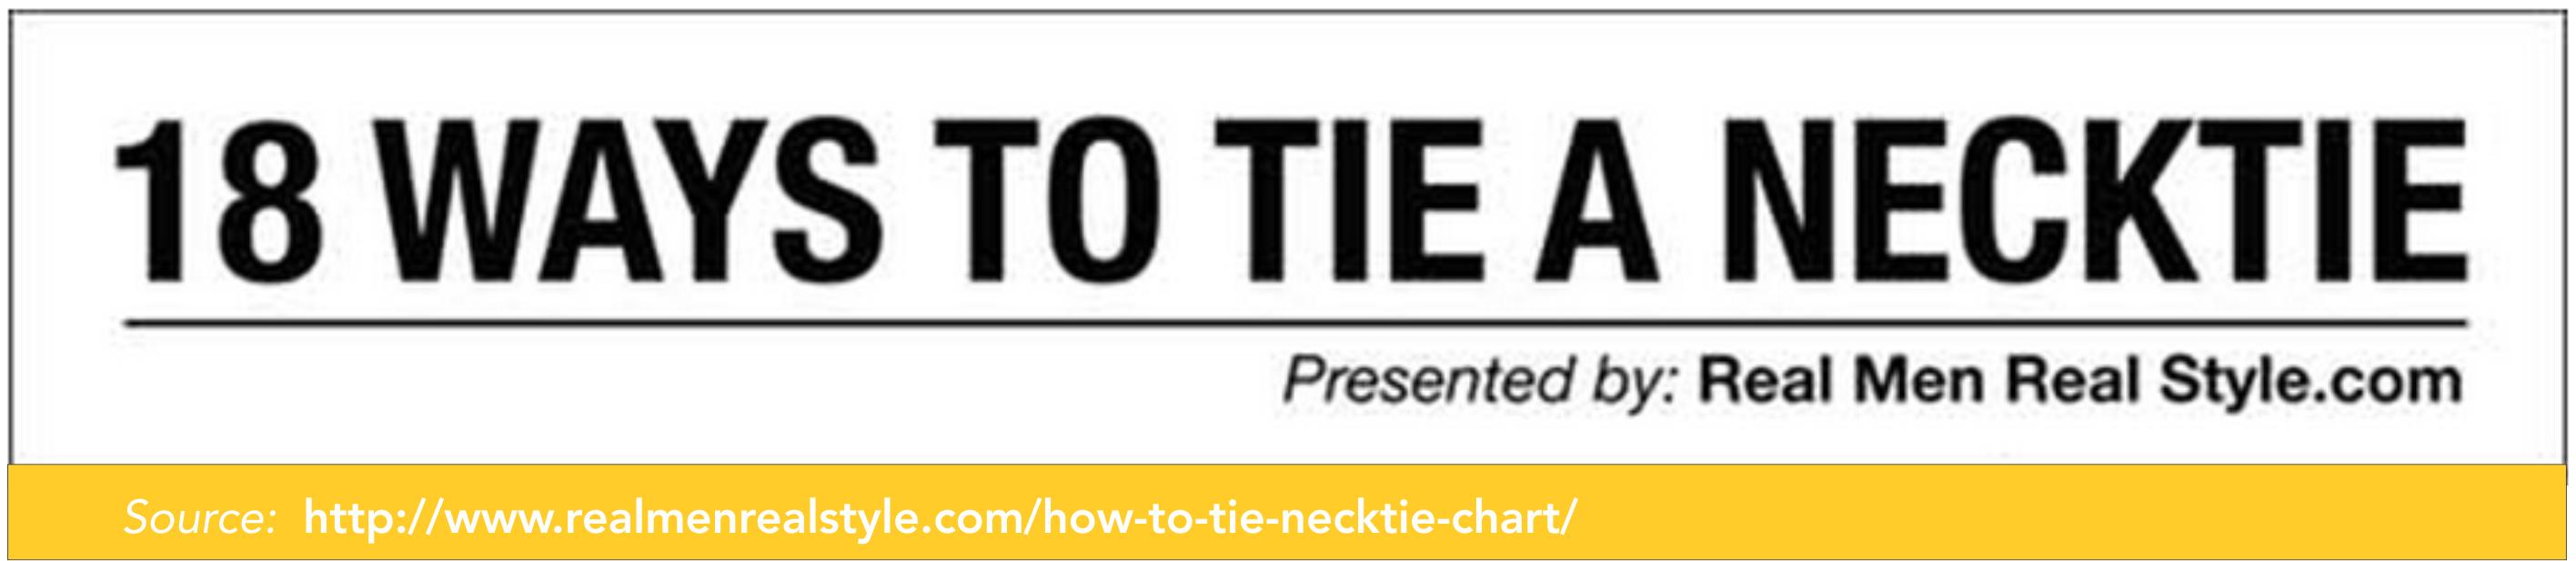 Caption - 18 Ways To Tie A Necktie